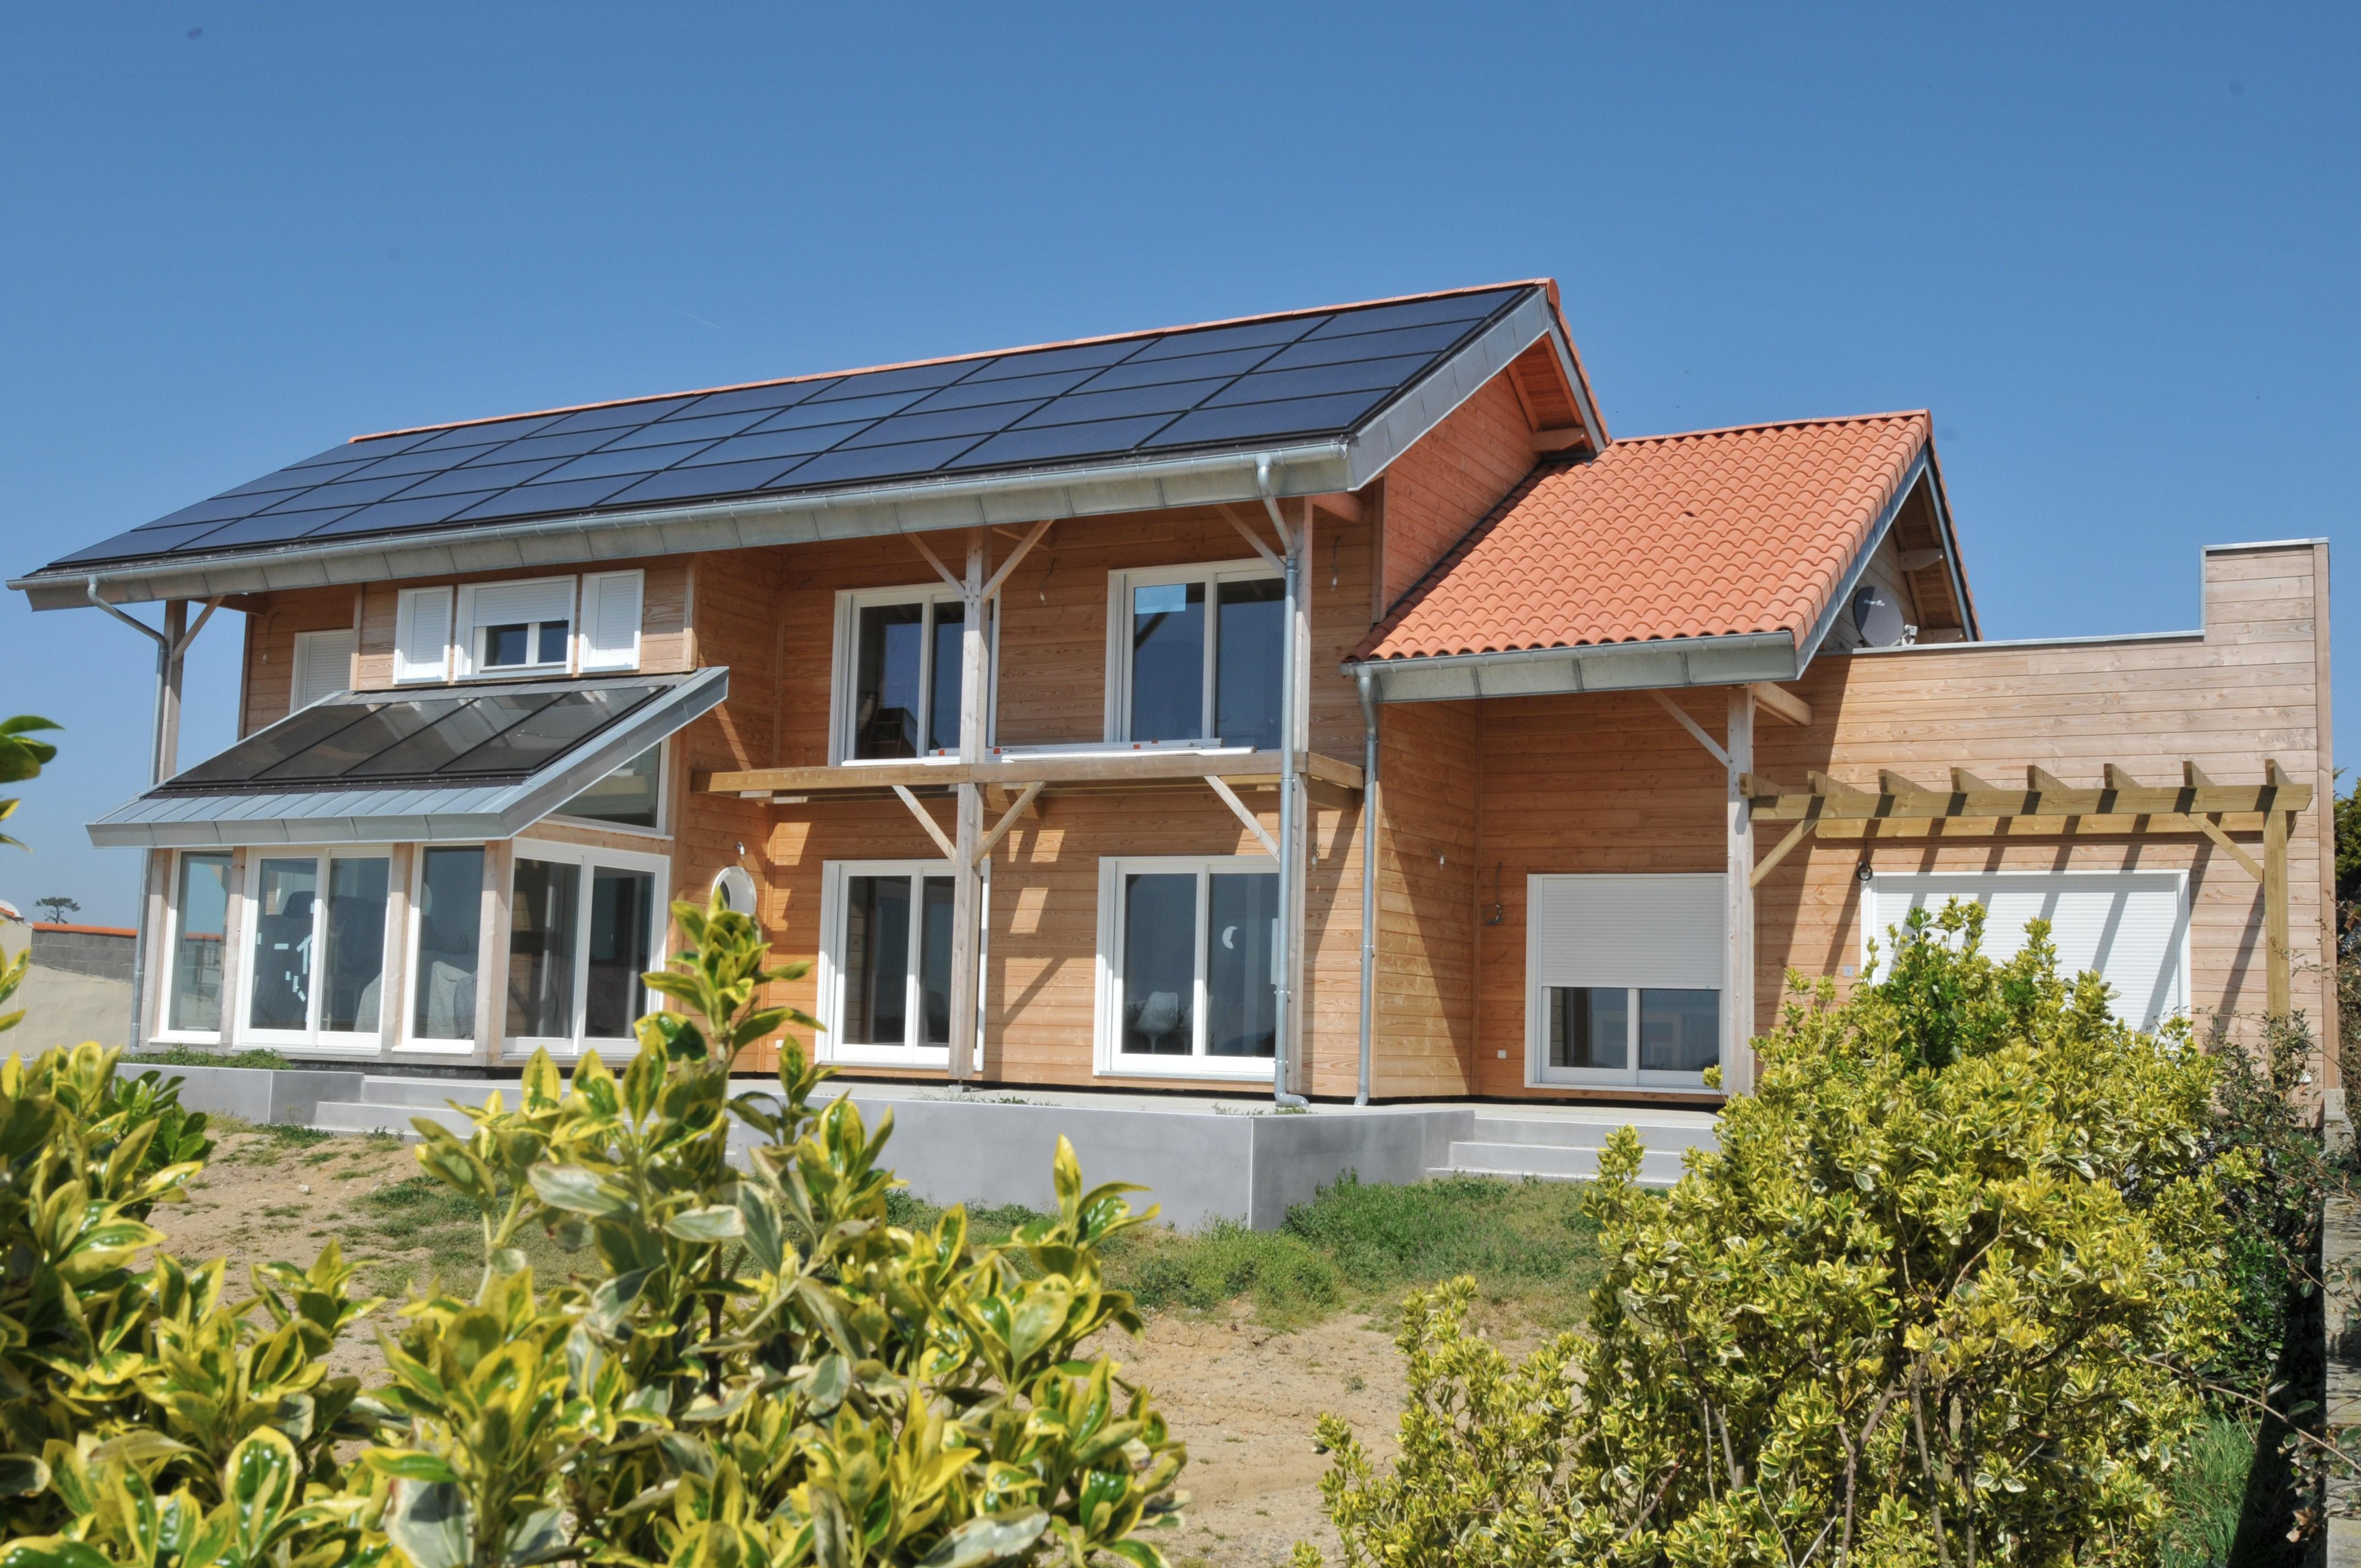 Energies renouvelables - Maison a energie renouvelable ...